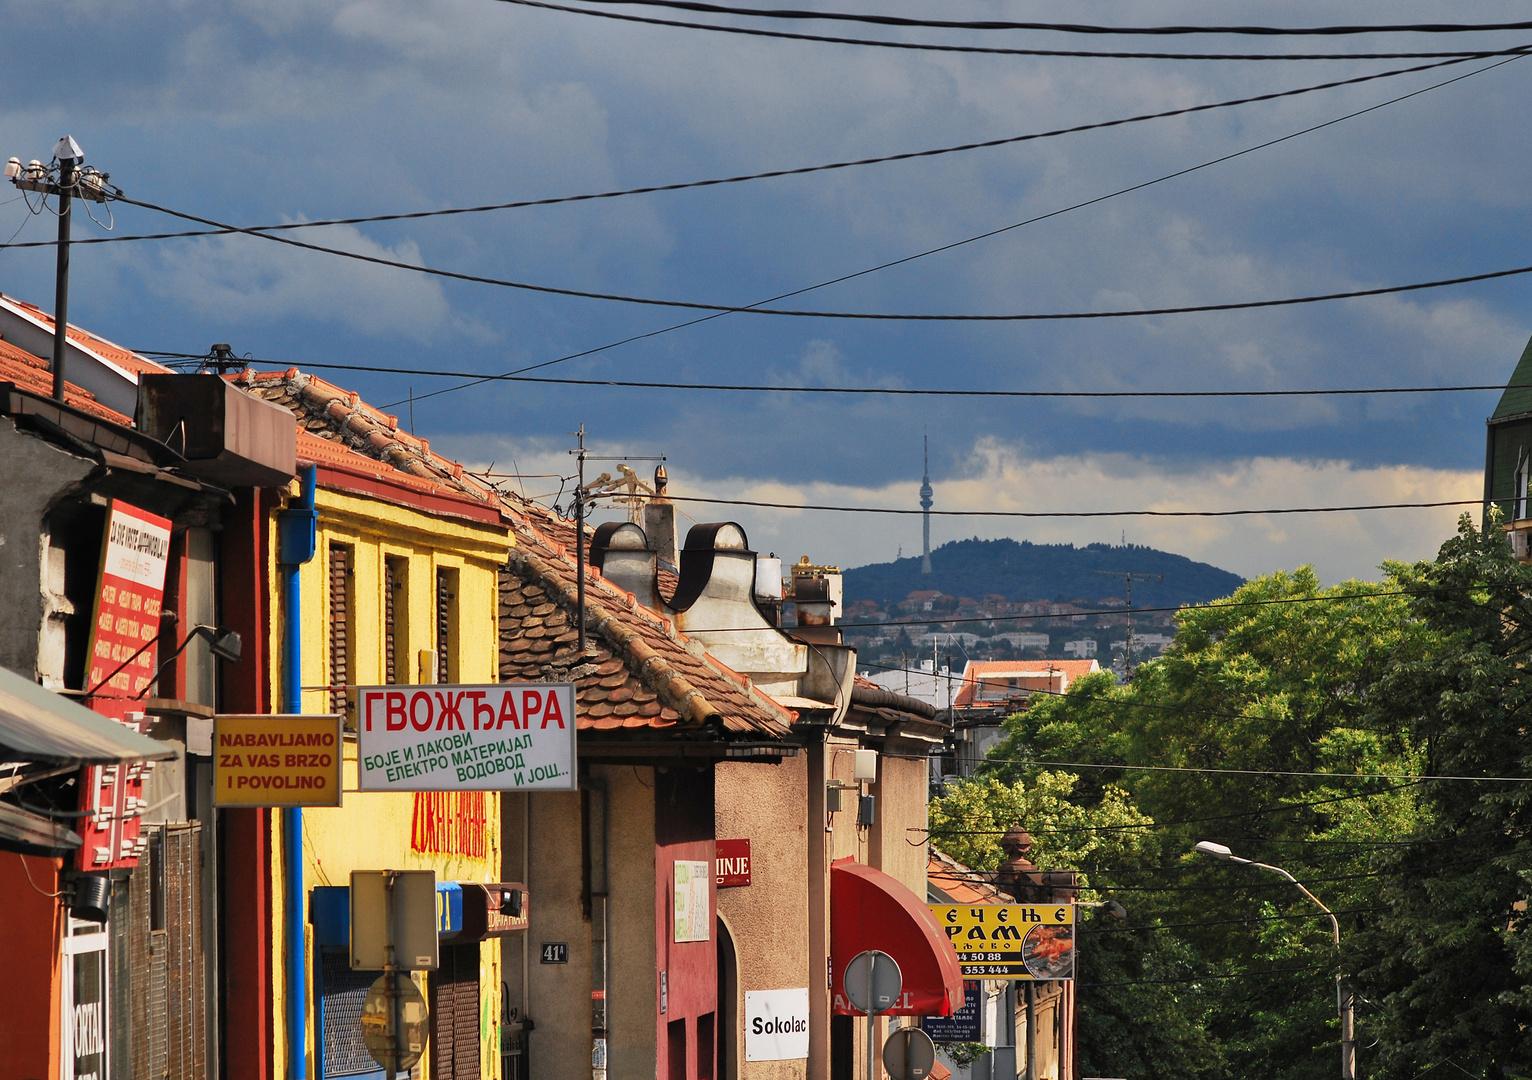 Belgrade-Vracar